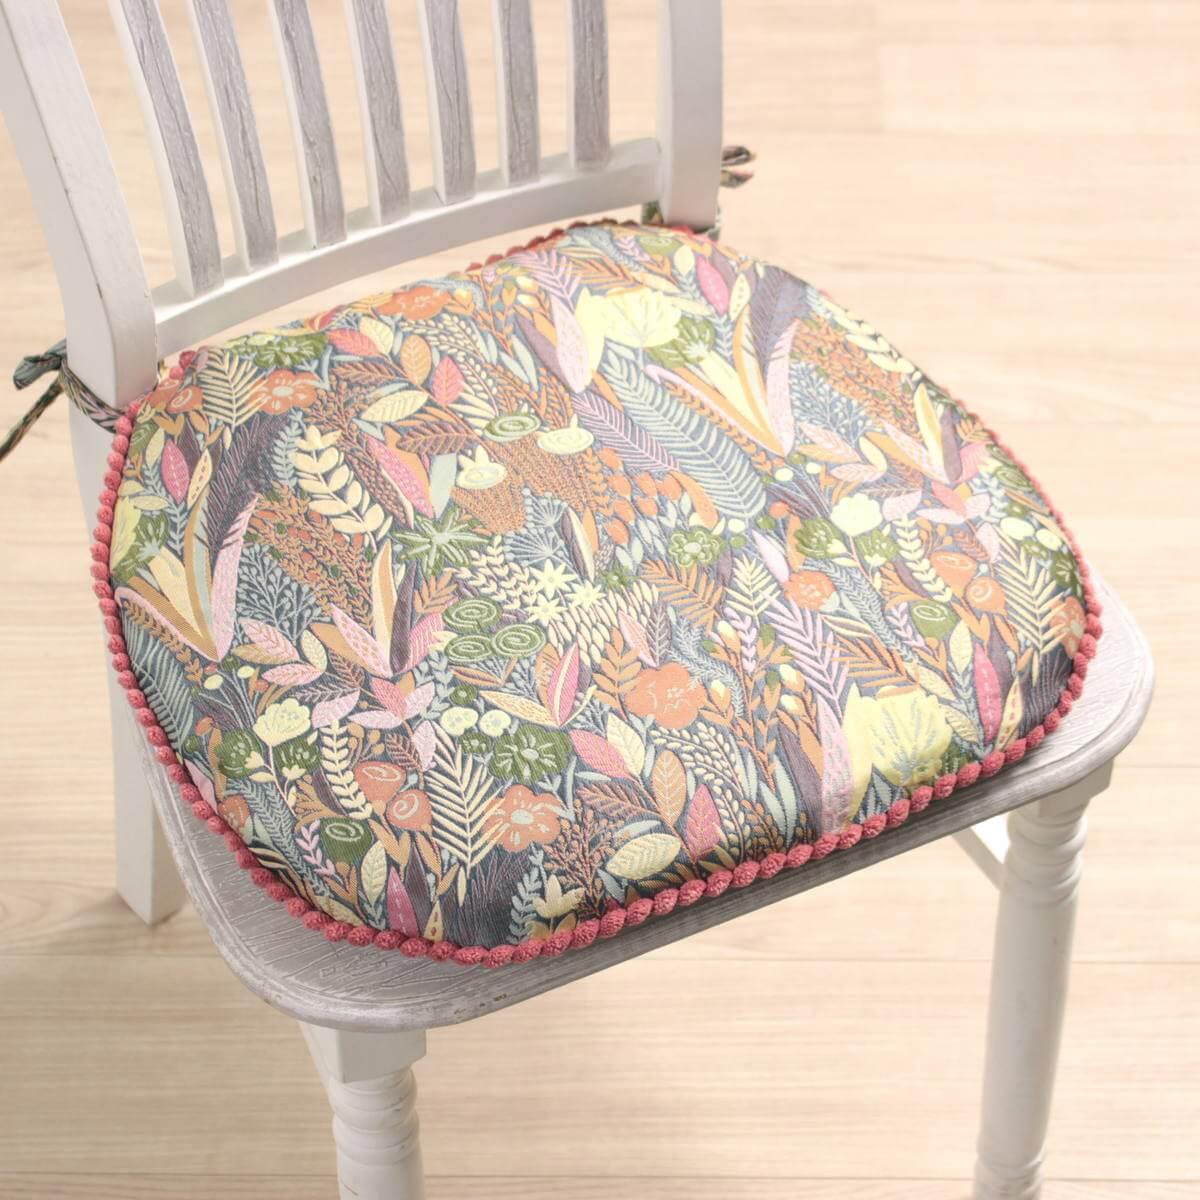 「植物たちの楽園」そんな印象を持つ多色づかいの紐付シートクッションです。